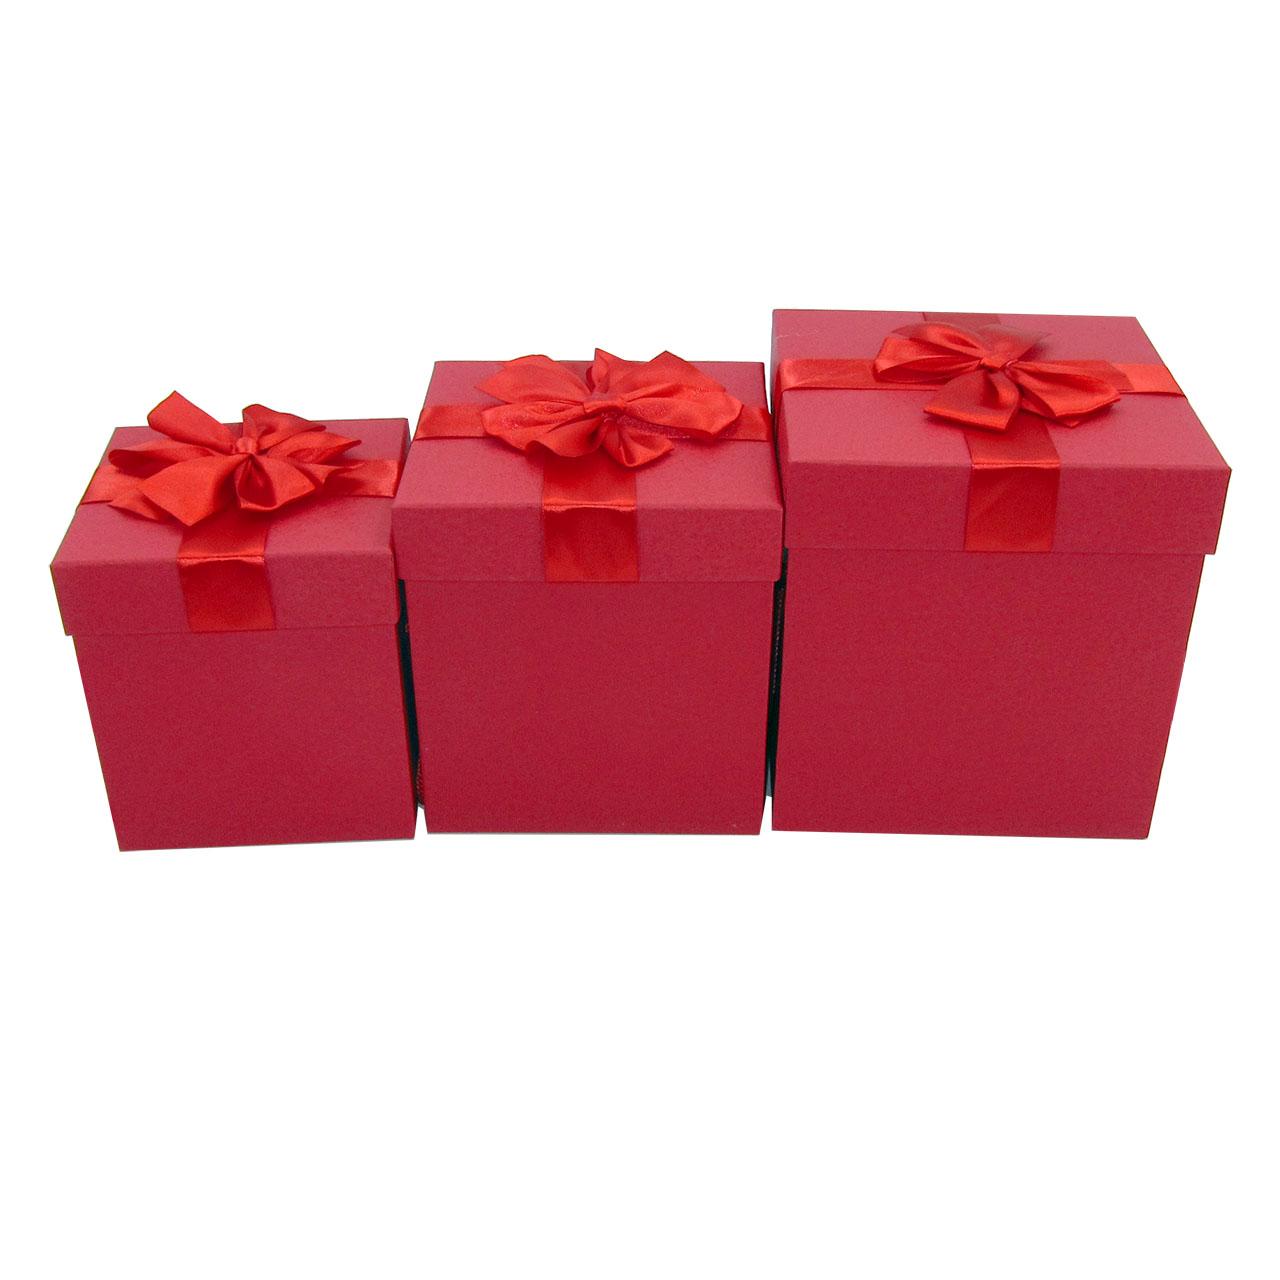 عکس جعبه هدیه رزپک مدل 501 مجموعه 3 عددی